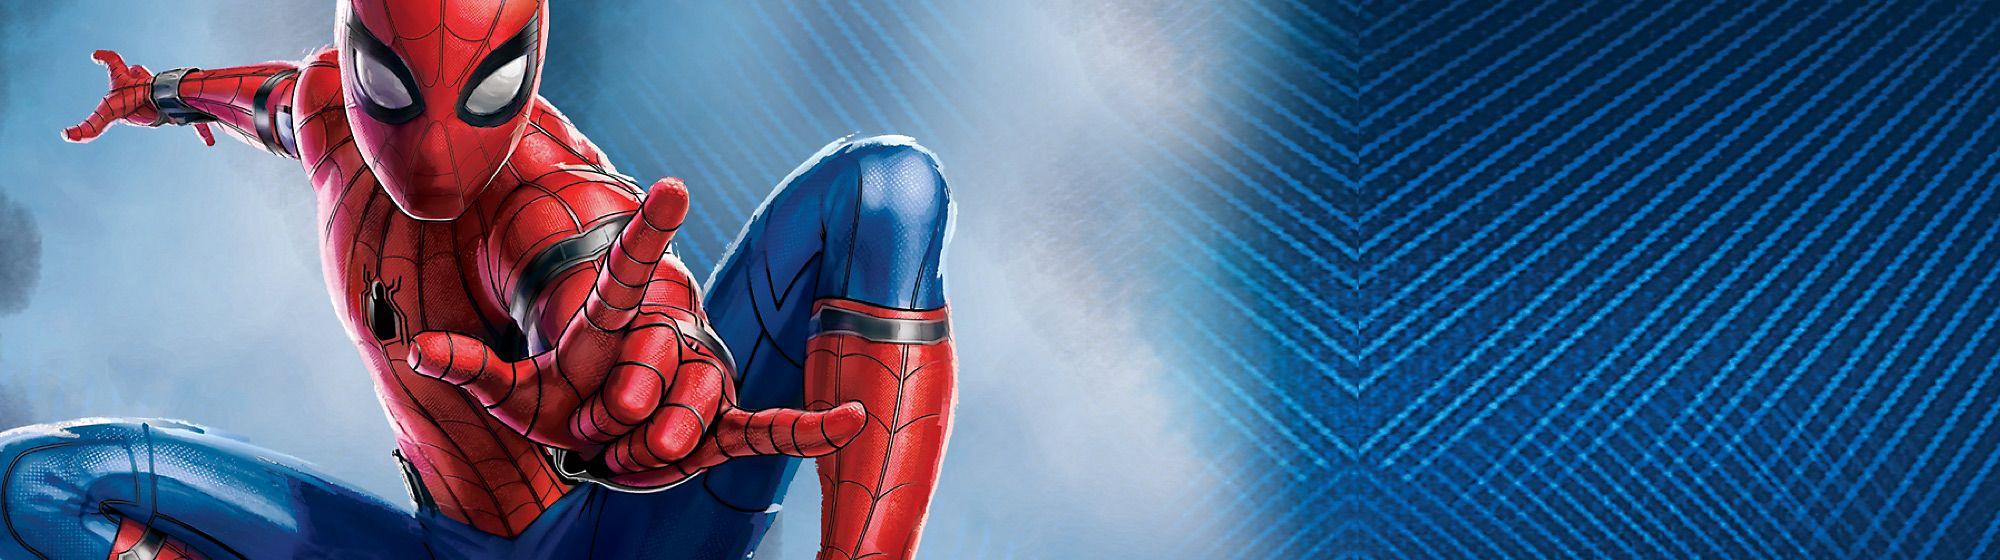 Spider-Man: Far From Home Entdecke unser Sortiment an Spielzeug, Kostümen, Kleidung und mehr